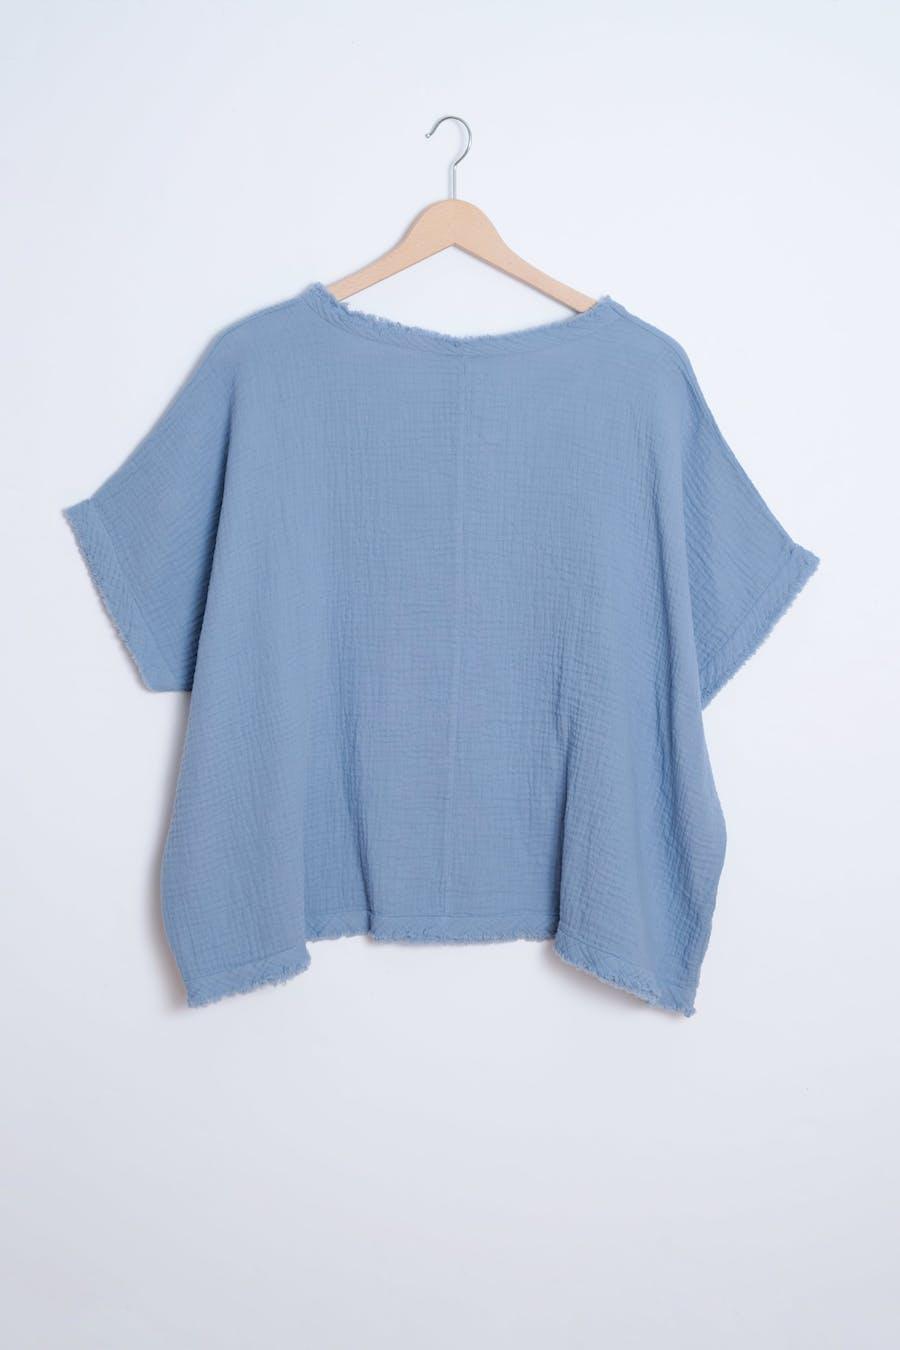 Camiseta costuras azul